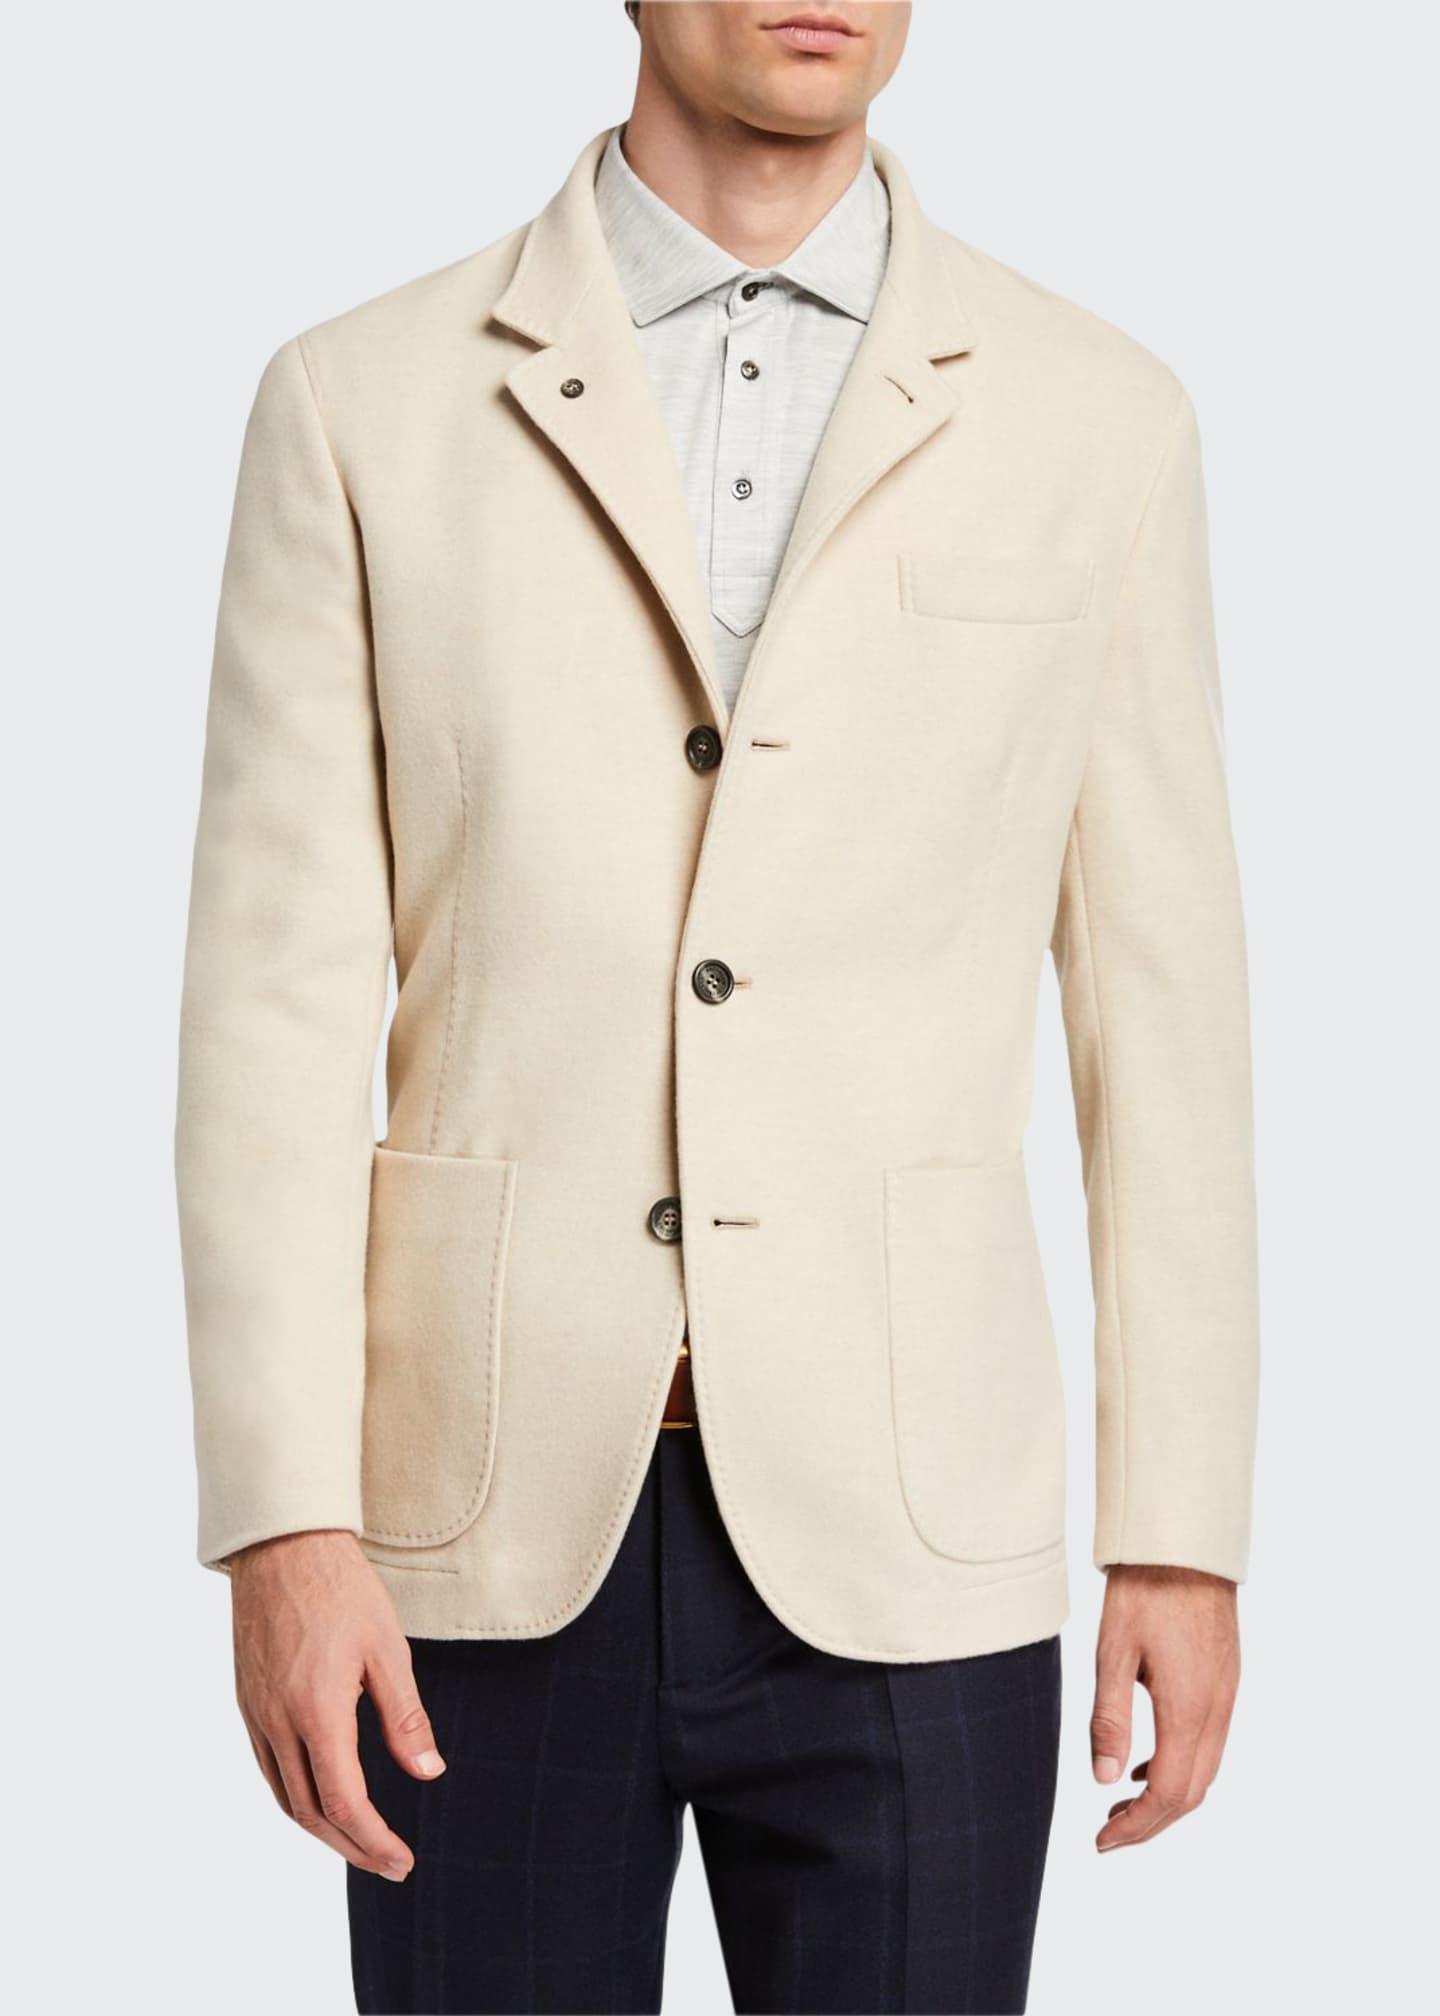 Brunello Cucinelli Men's Cashmere Blazer